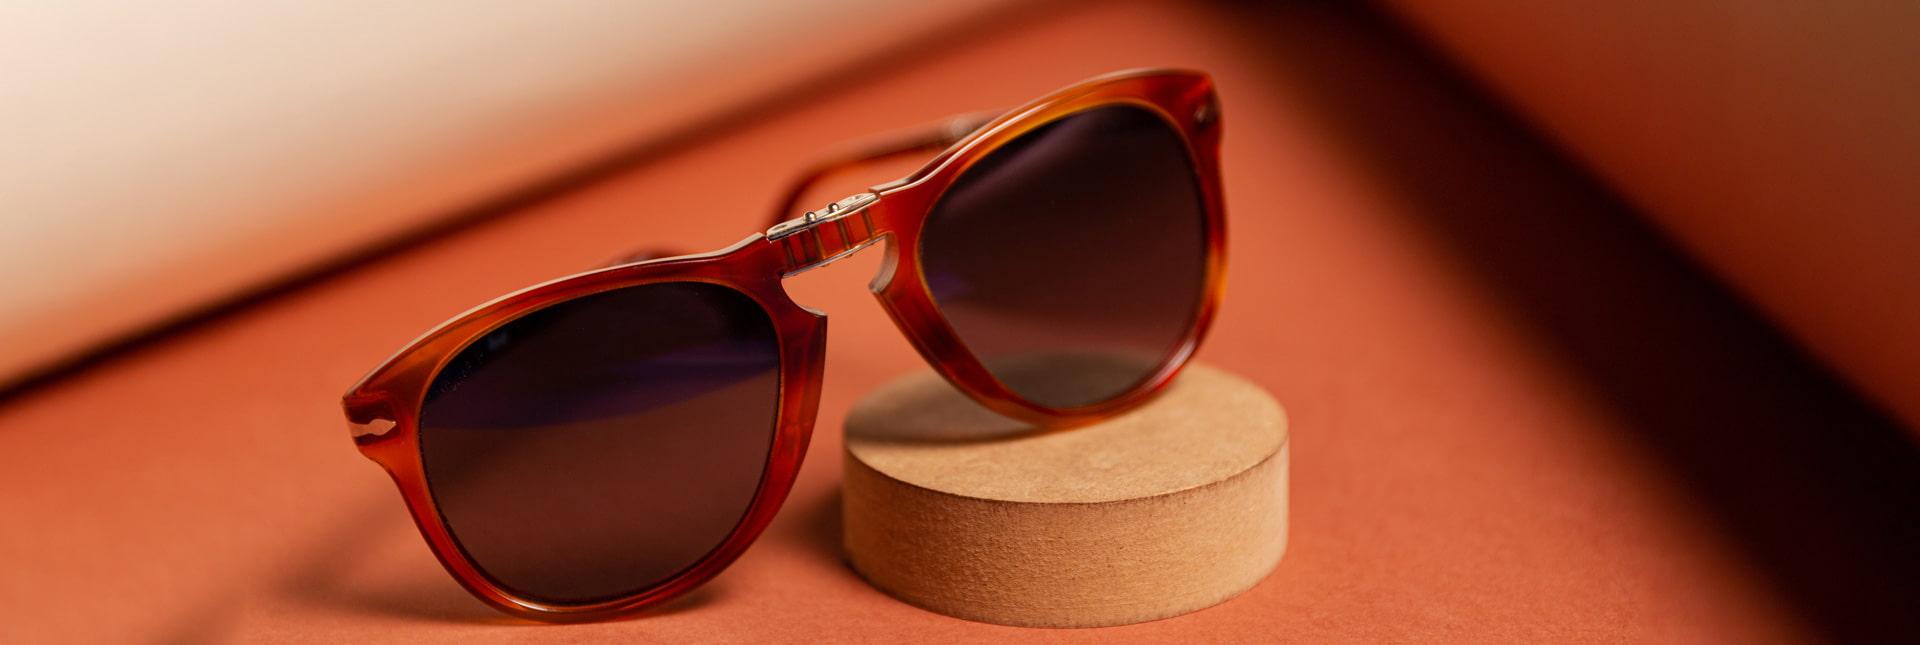 Persol® Sunglasses